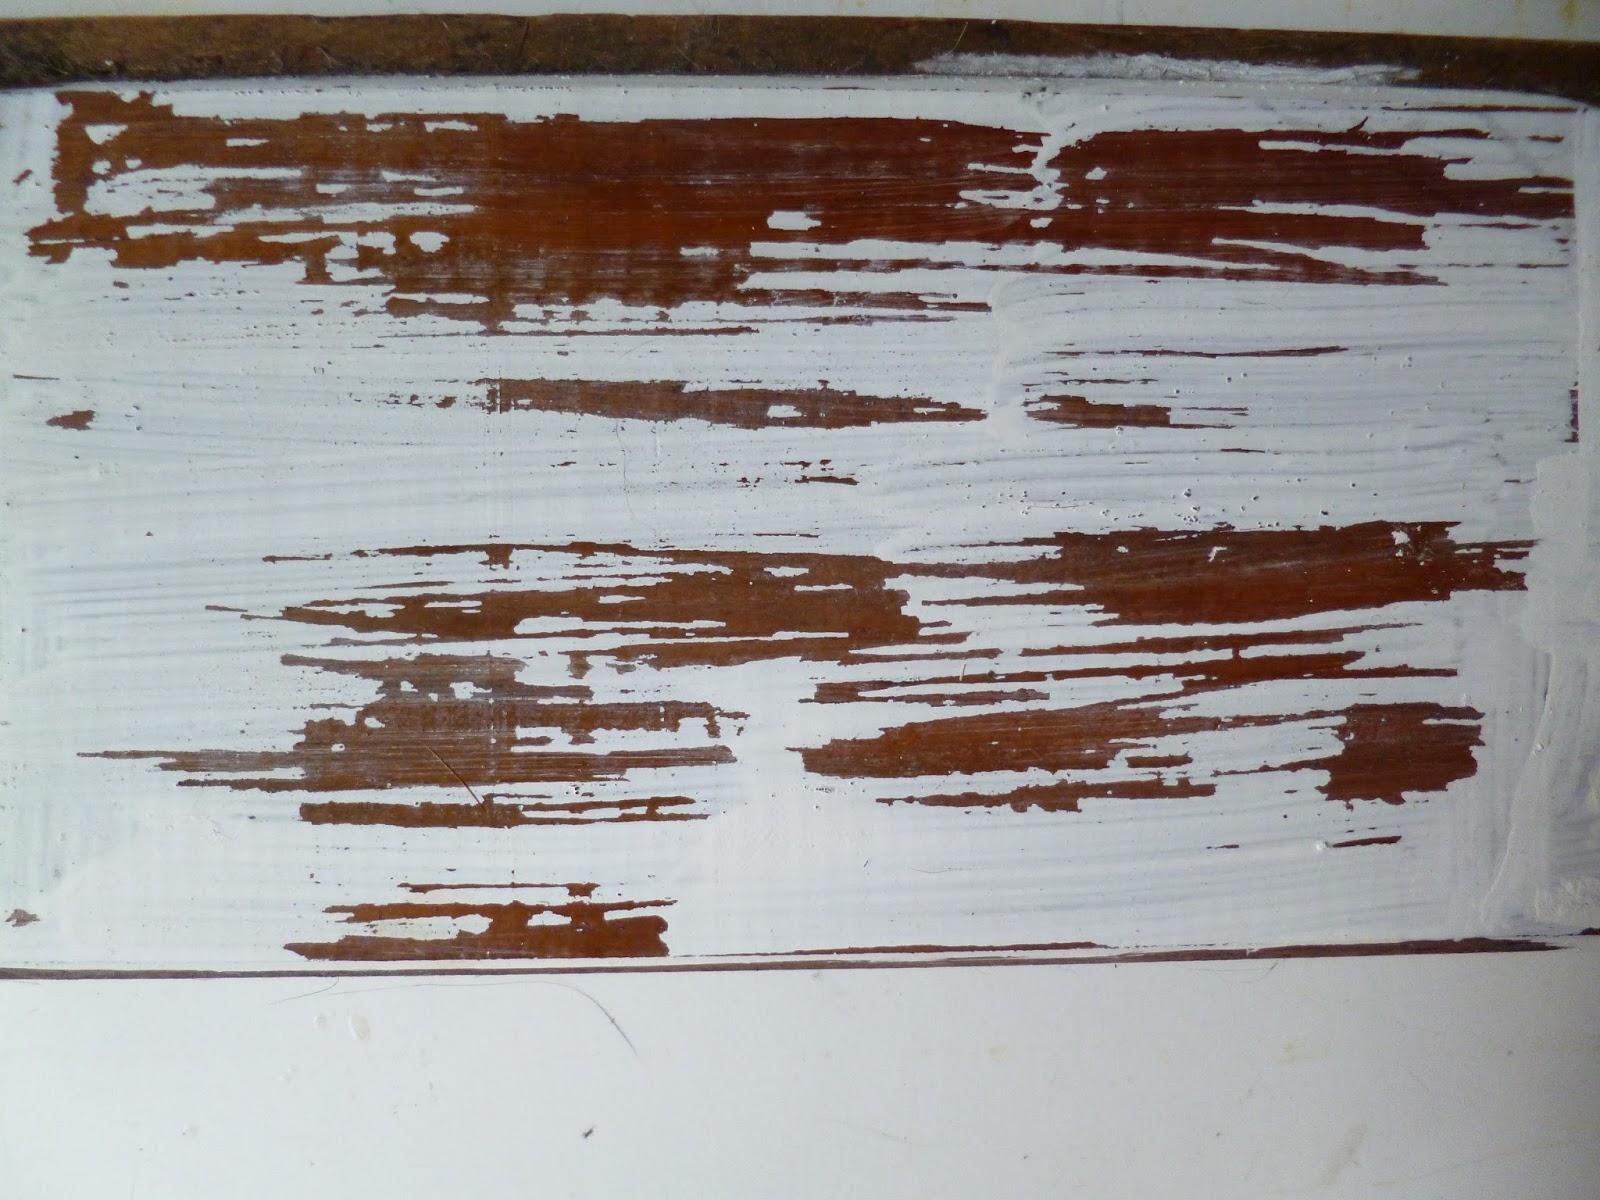 Reciclarte 3 formas de hacer decapado sobre madera - Decapado sobre madera ...